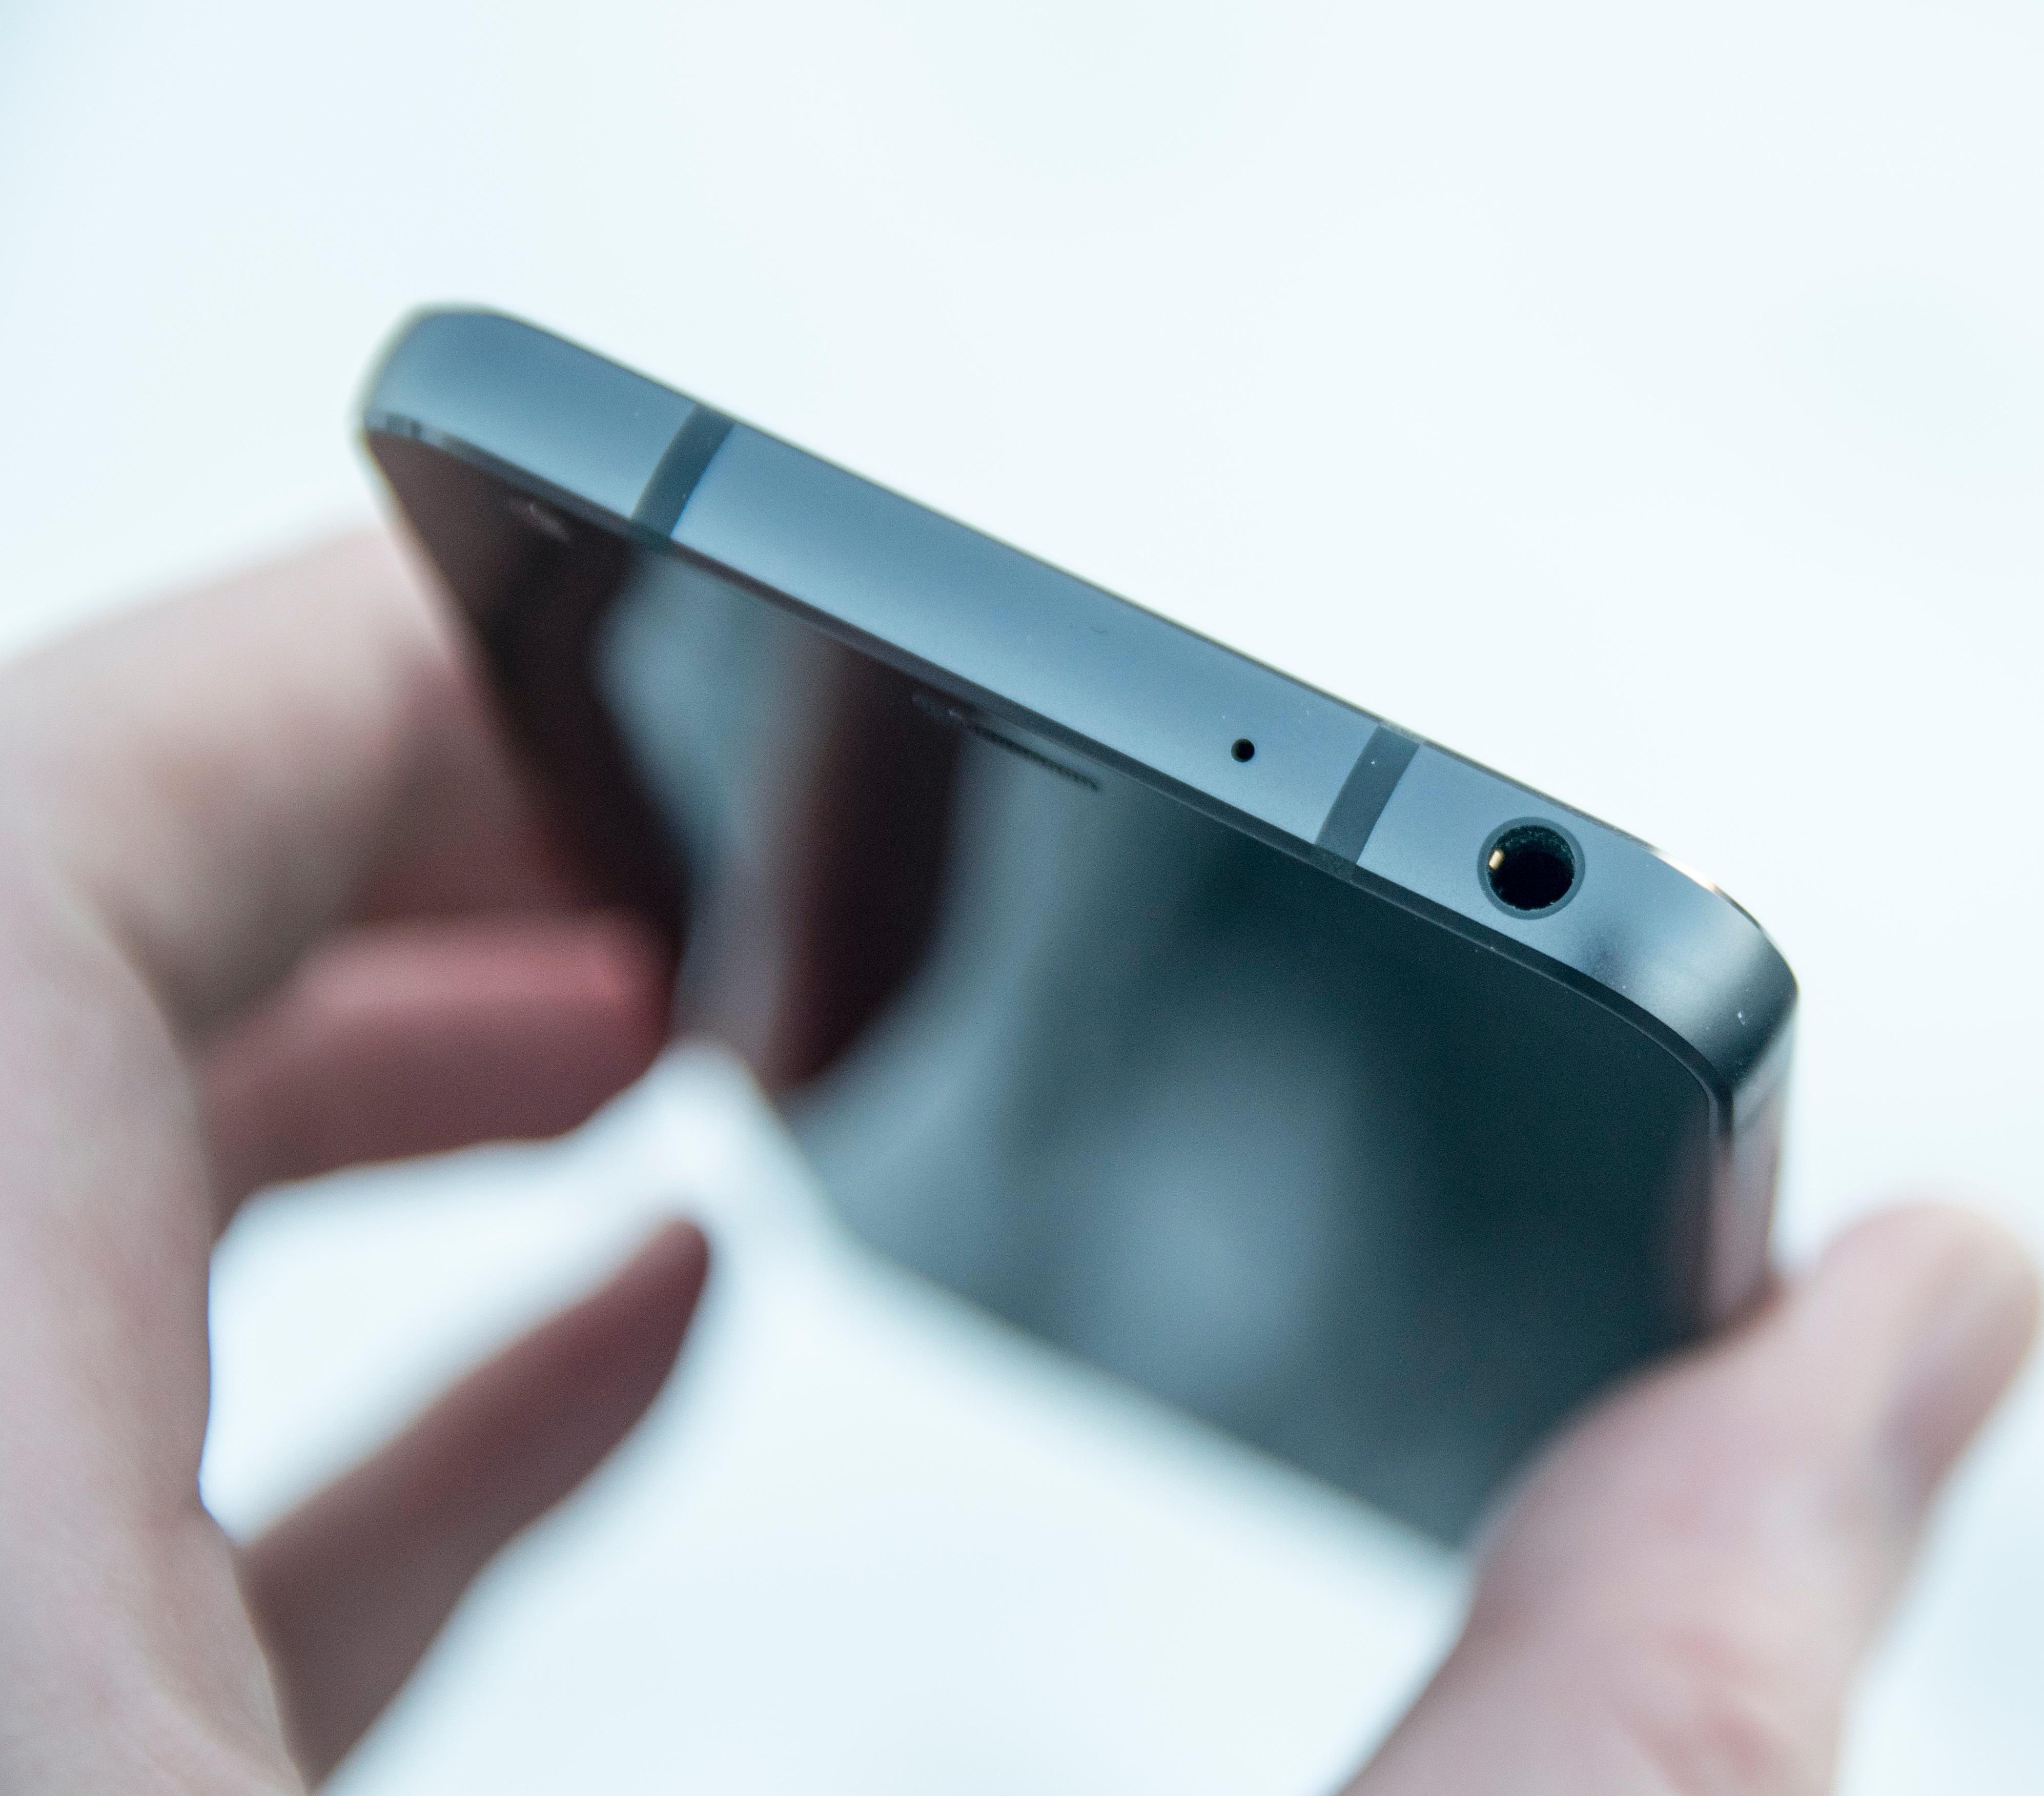 LG G6 gjør en god jobb som lydformidler, men her i Europa må vi se langt etter den fine QuadDAC-løsningen LG bruker i andre modeller og markeder. I hovedsak er det forsterkerbiten her som savnes, siden du kan koble til langt mer tungdrevne hodetelefoner i asiatiske varianter av G6.